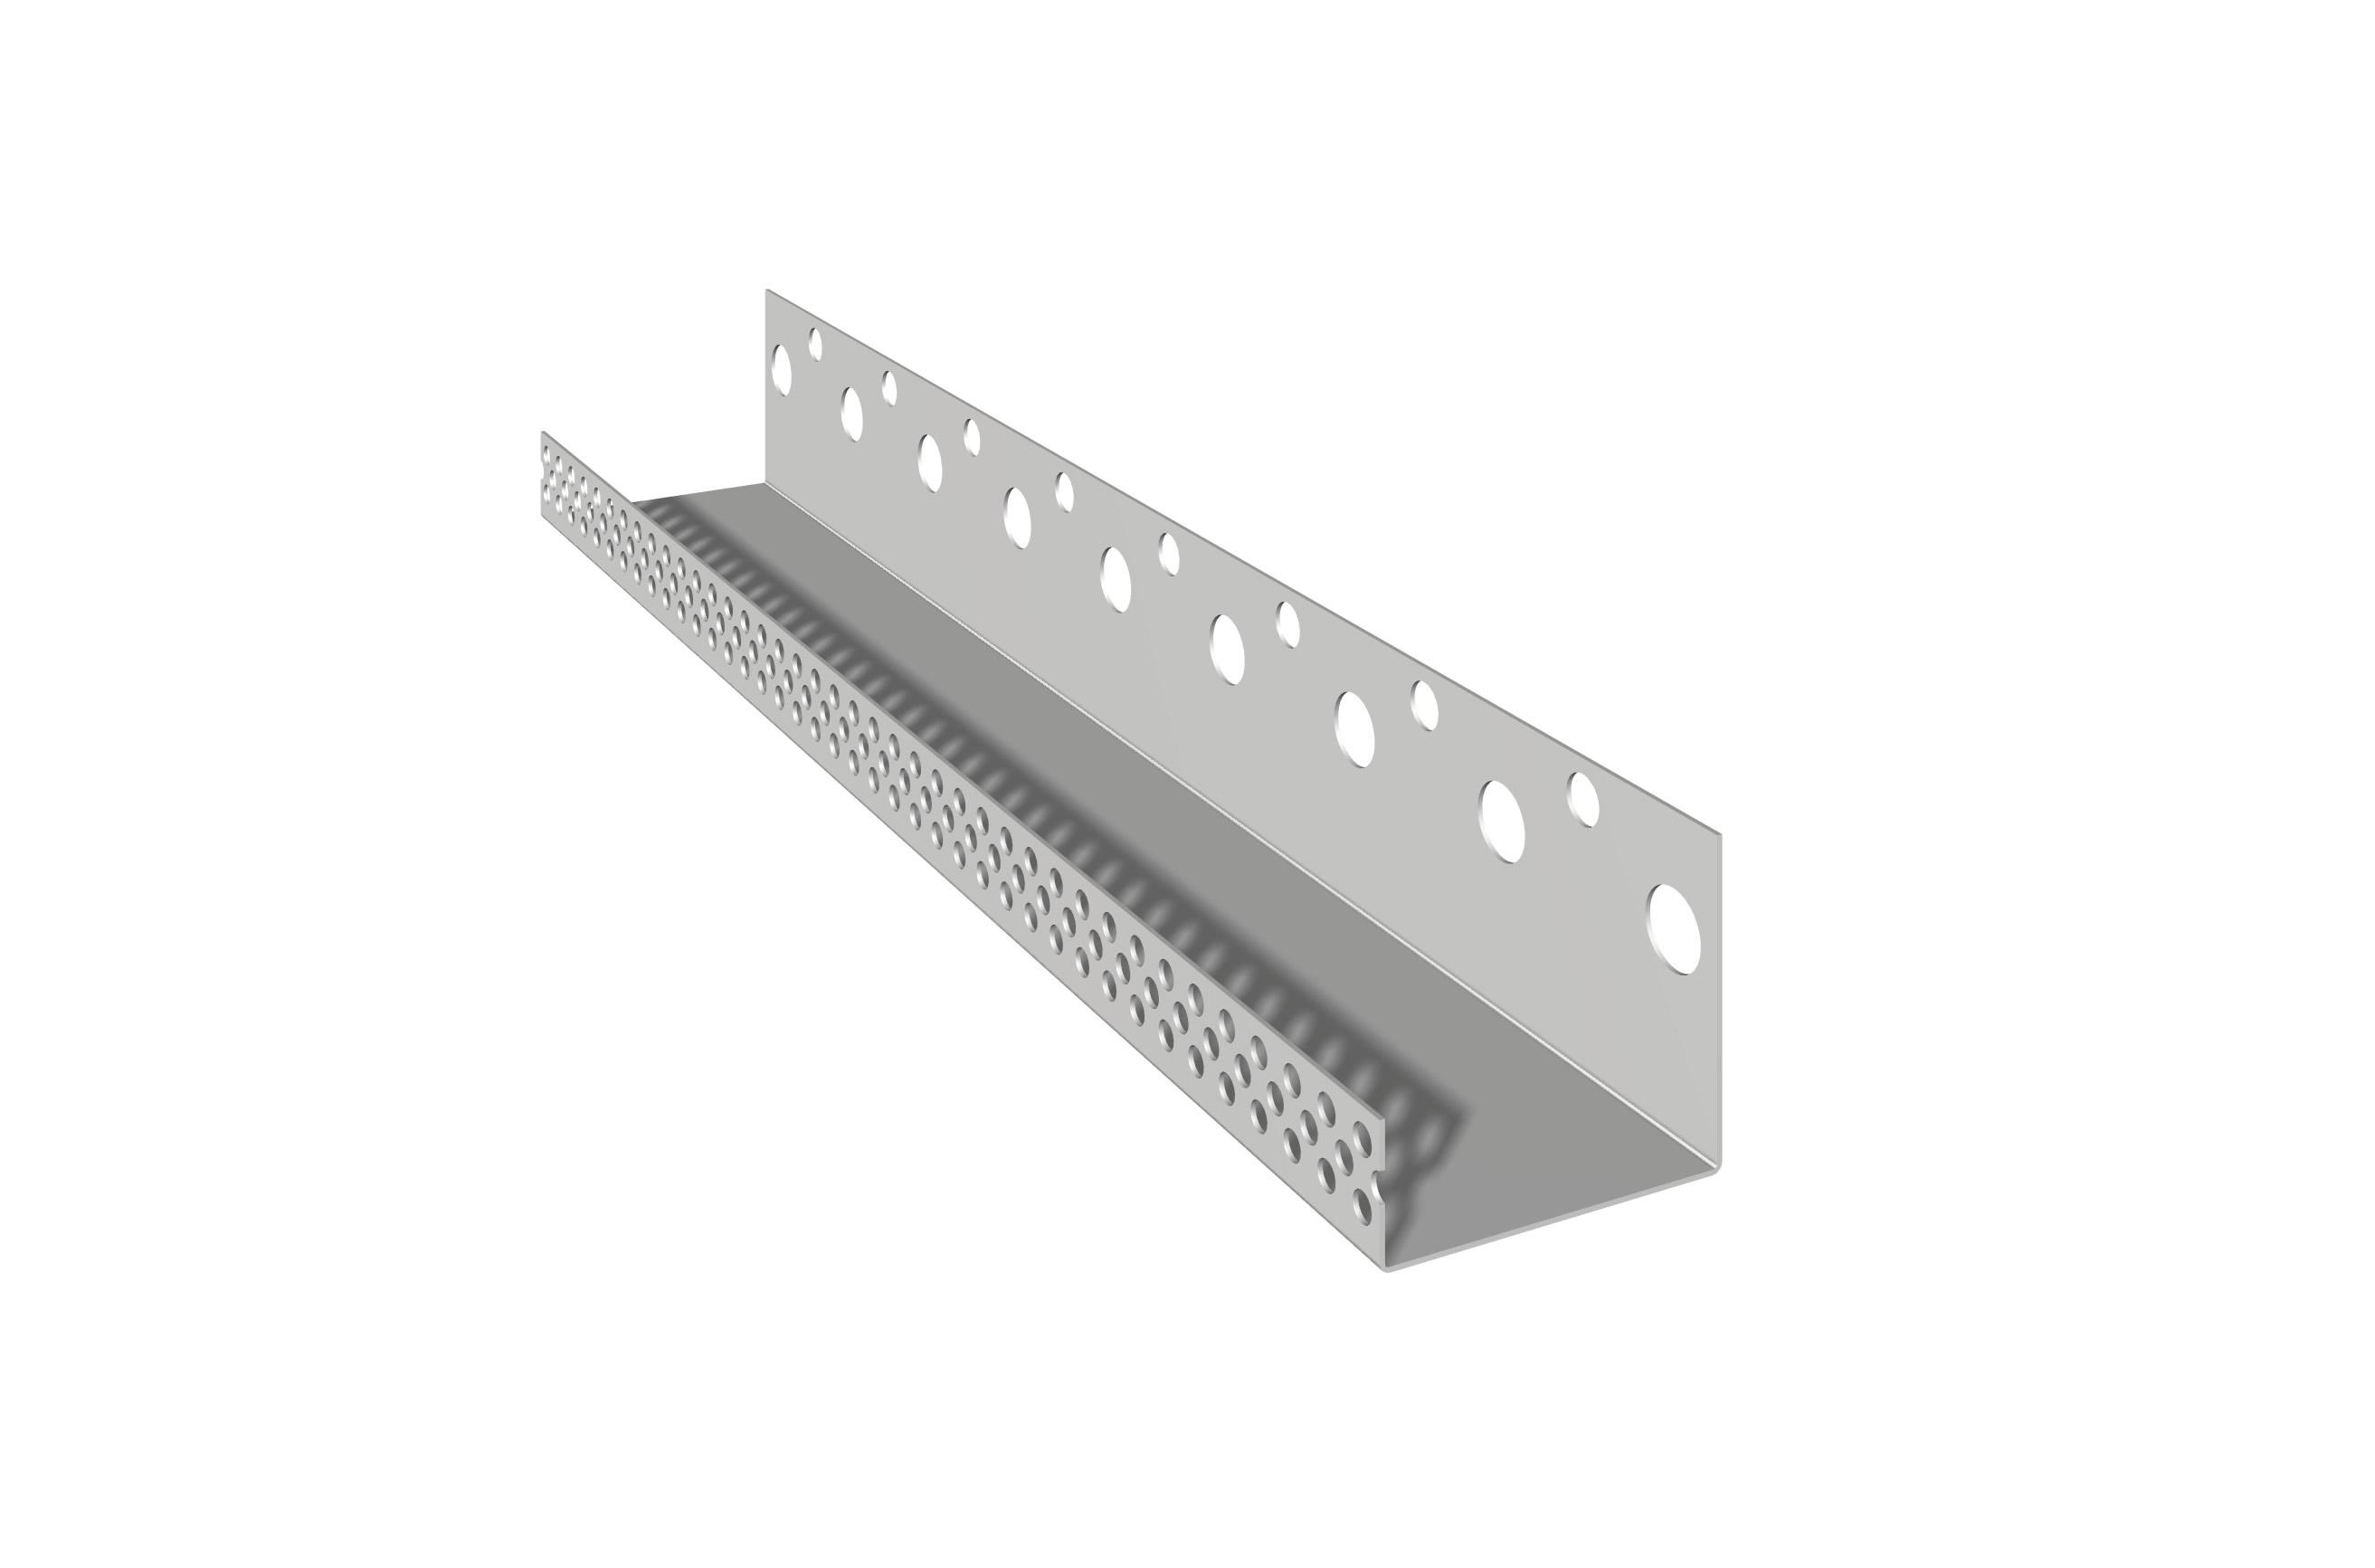 PROFILO DI CHIUSURA IN ALLUMINIO: Profilo di chiusura in alluminio preverniciato